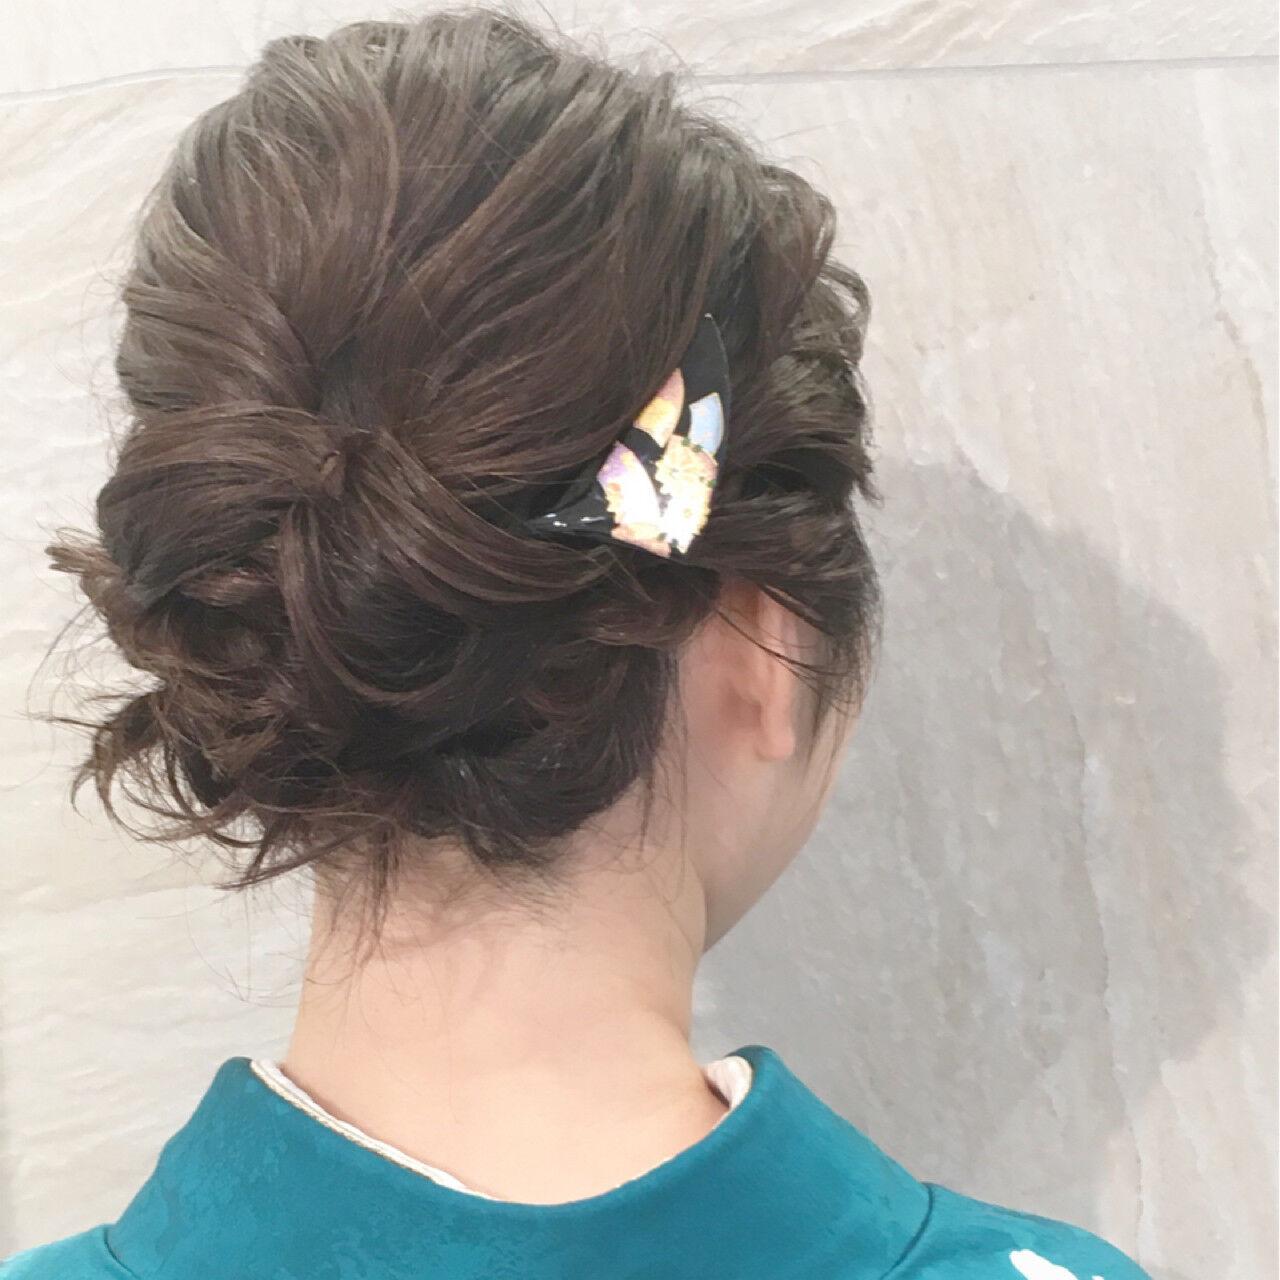 ショート ナチュラル ボブ 簡単ヘアアレンジヘアスタイルや髪型の写真・画像